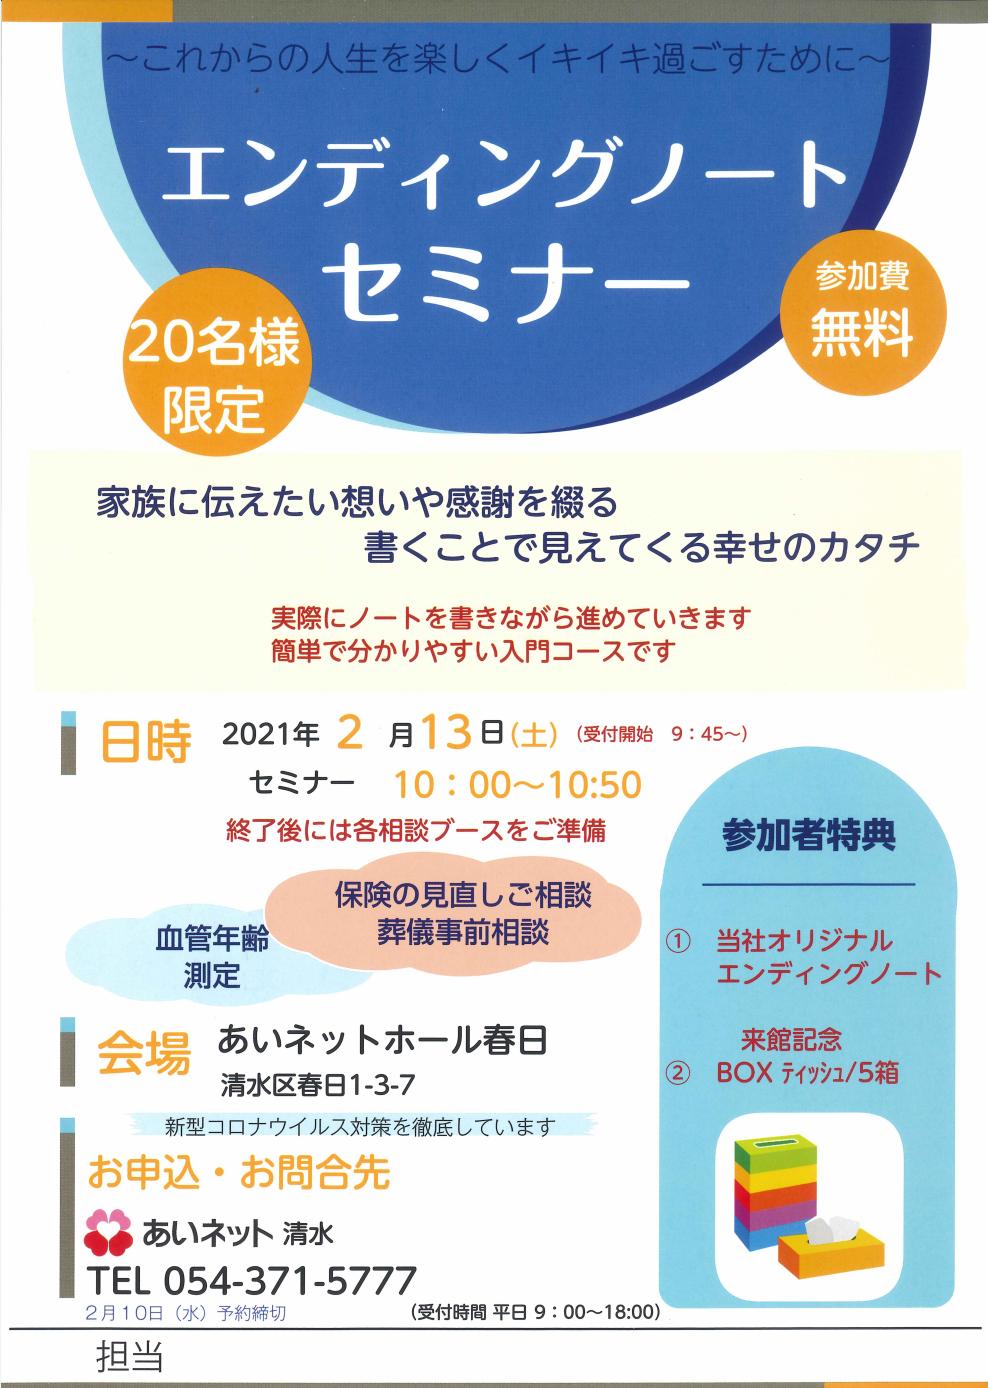 【2/13開催】エンディングノートセミナー